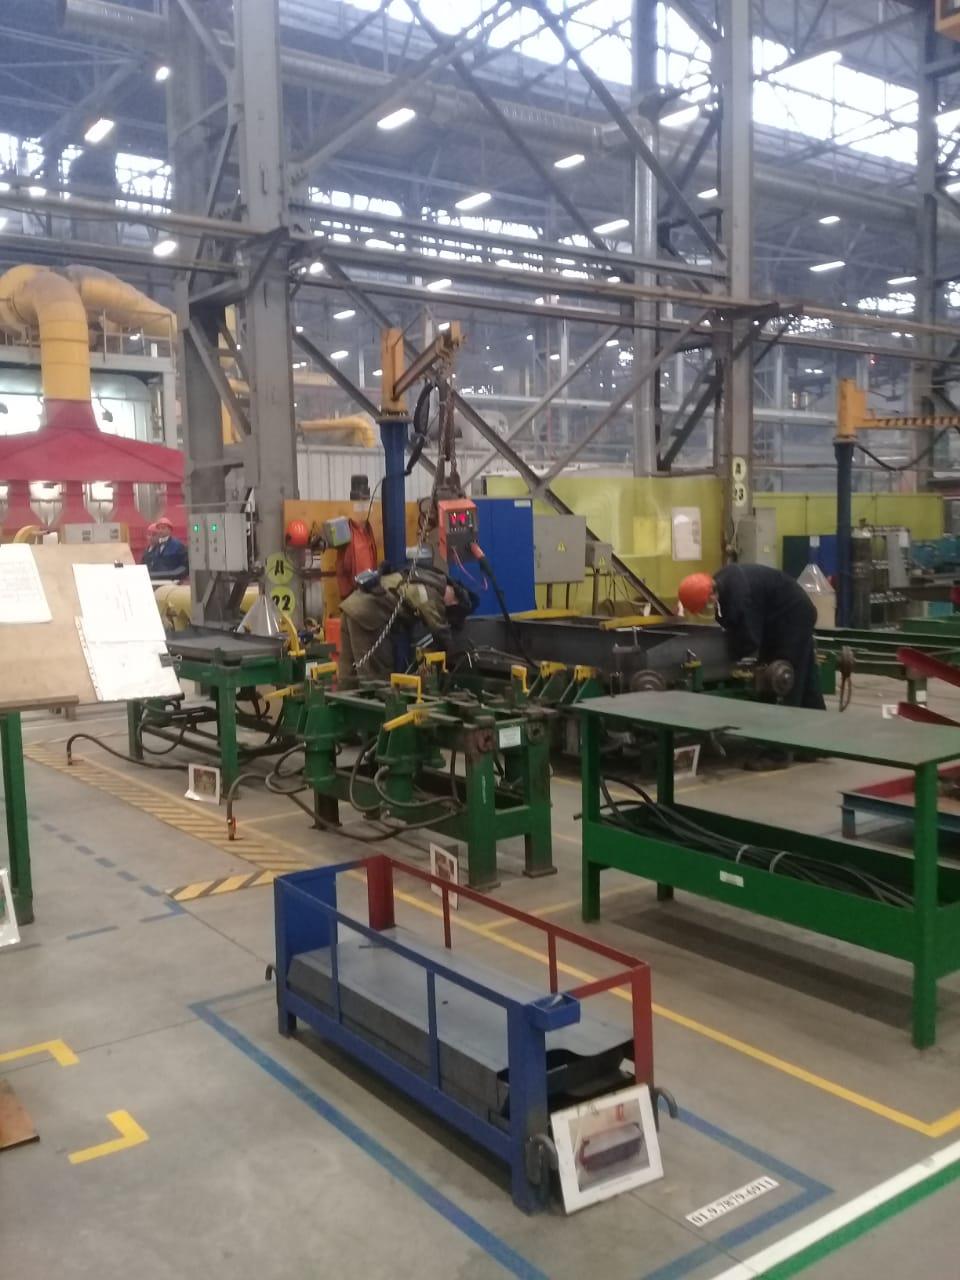 جولة لليوم السابع بمصنع جرارات السكة الحديد الروسى (34)